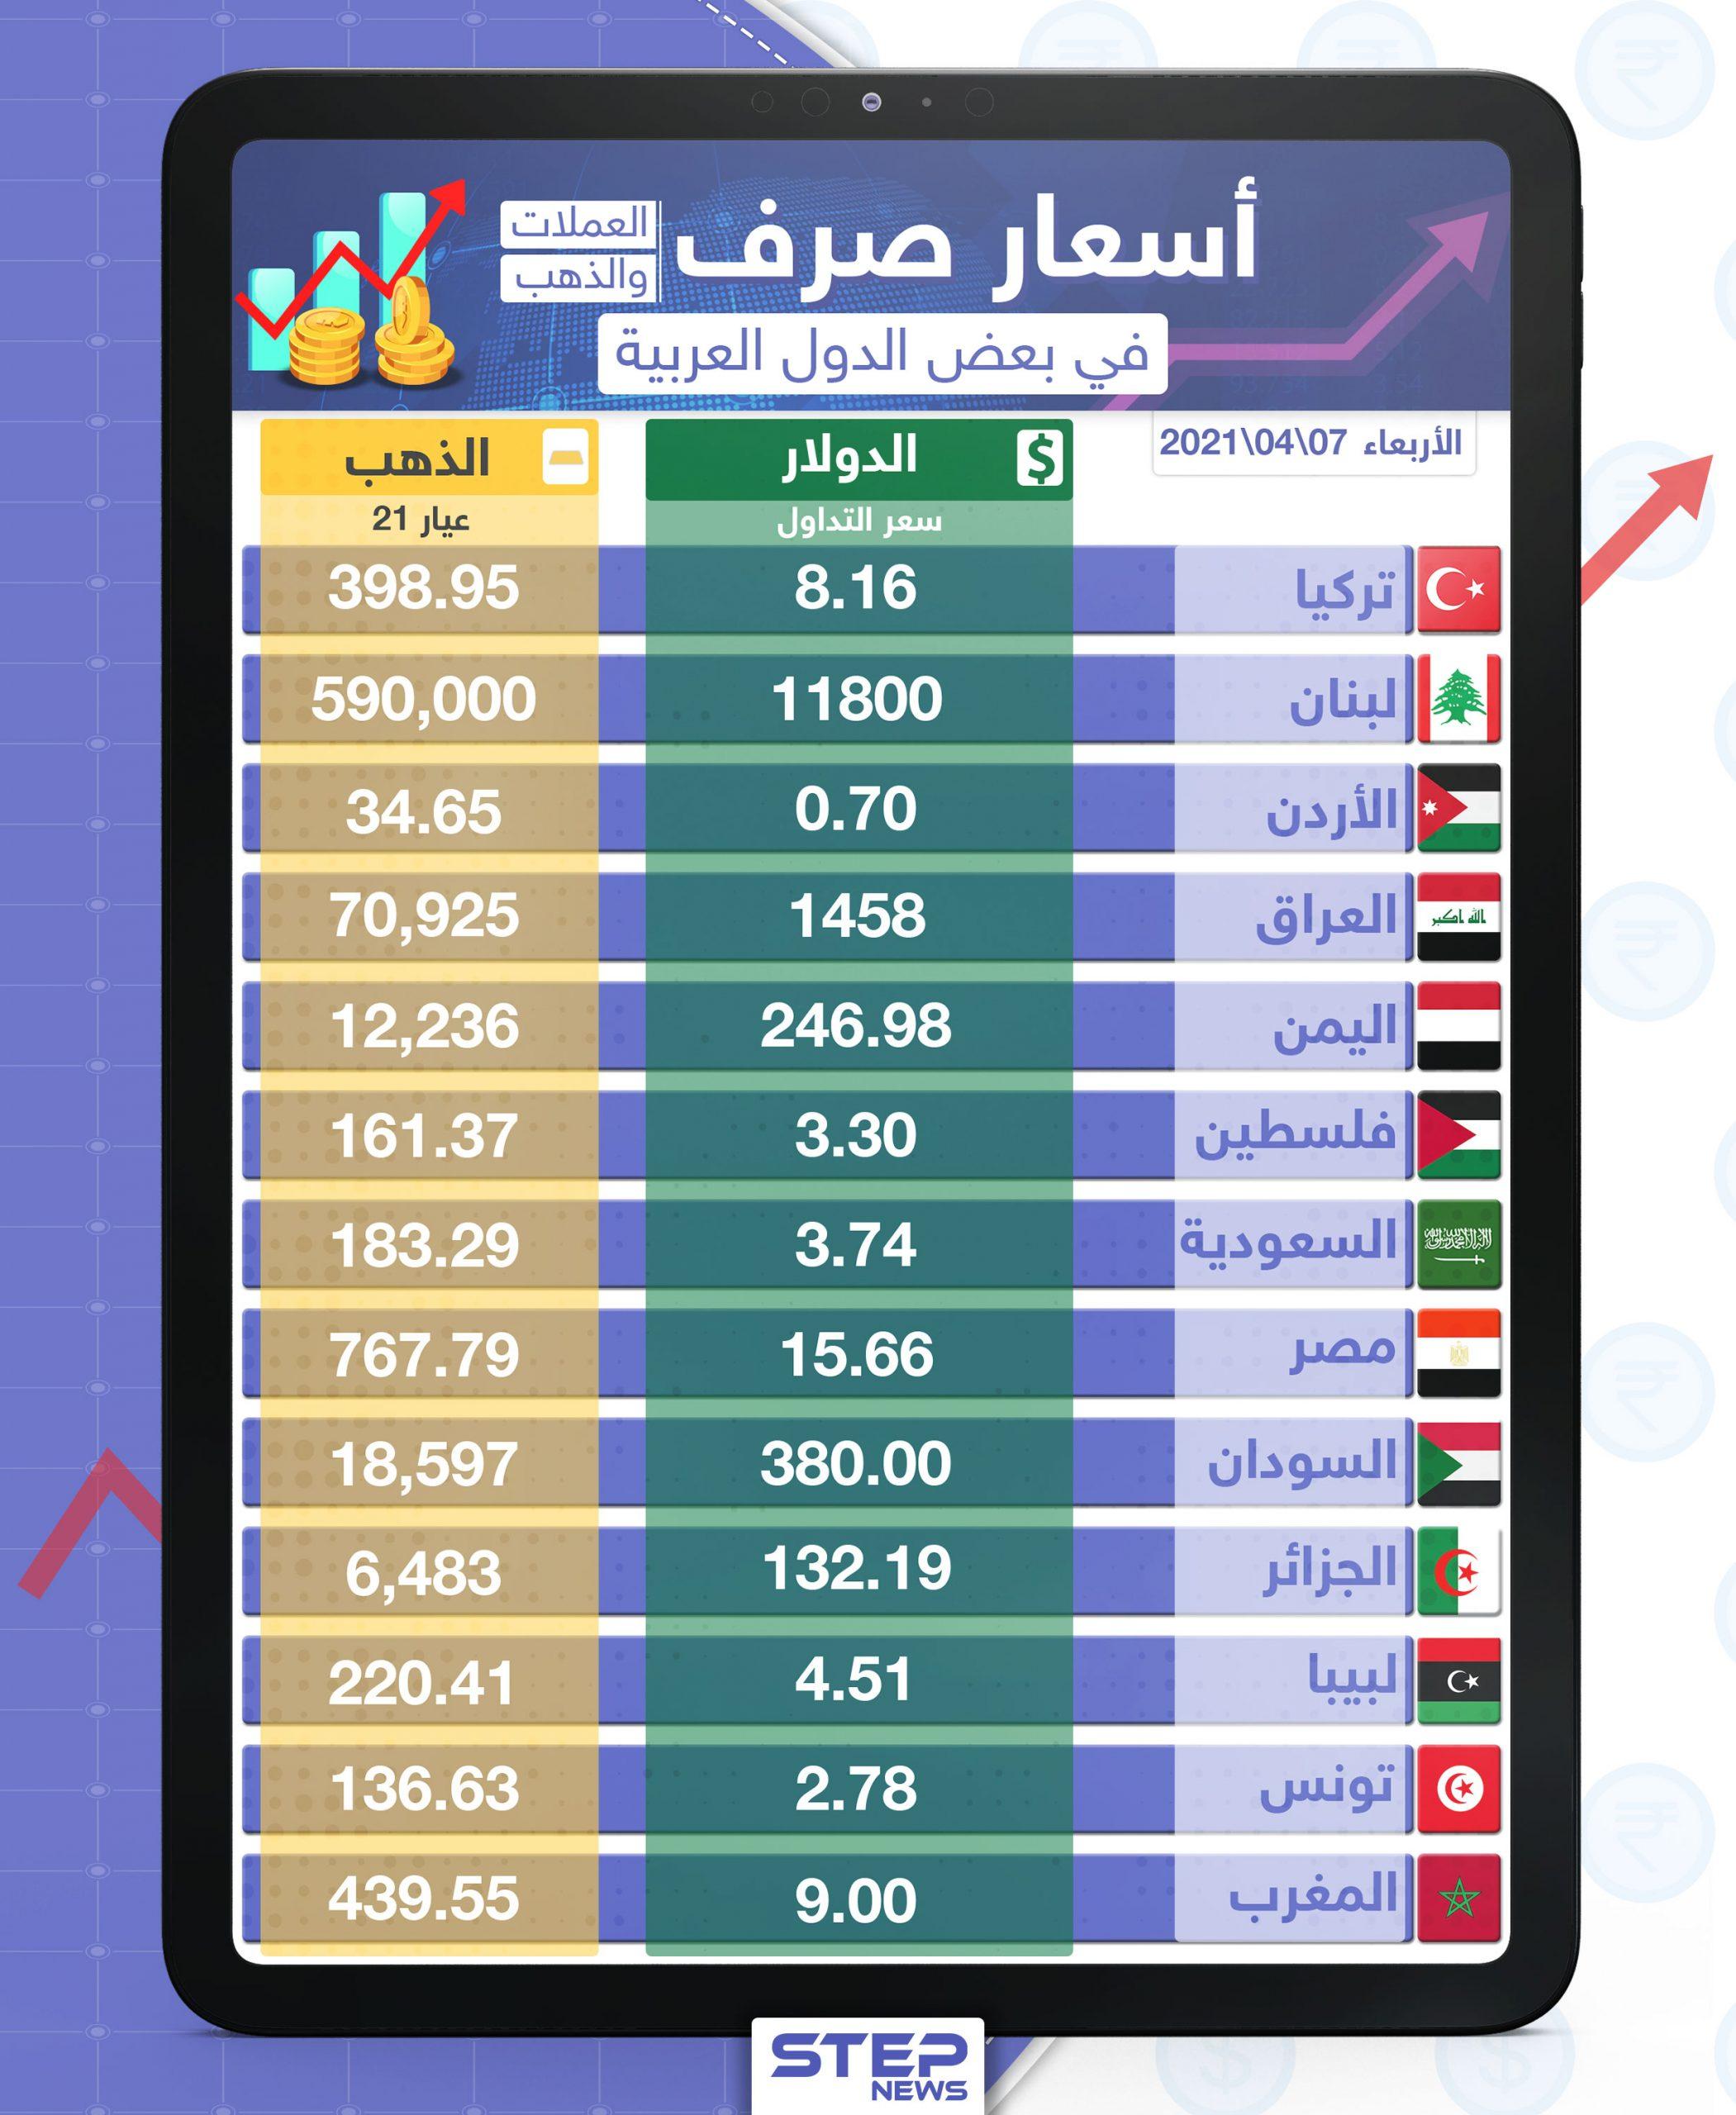 أسعار الذهب والعملات للدول العربية وتركيا